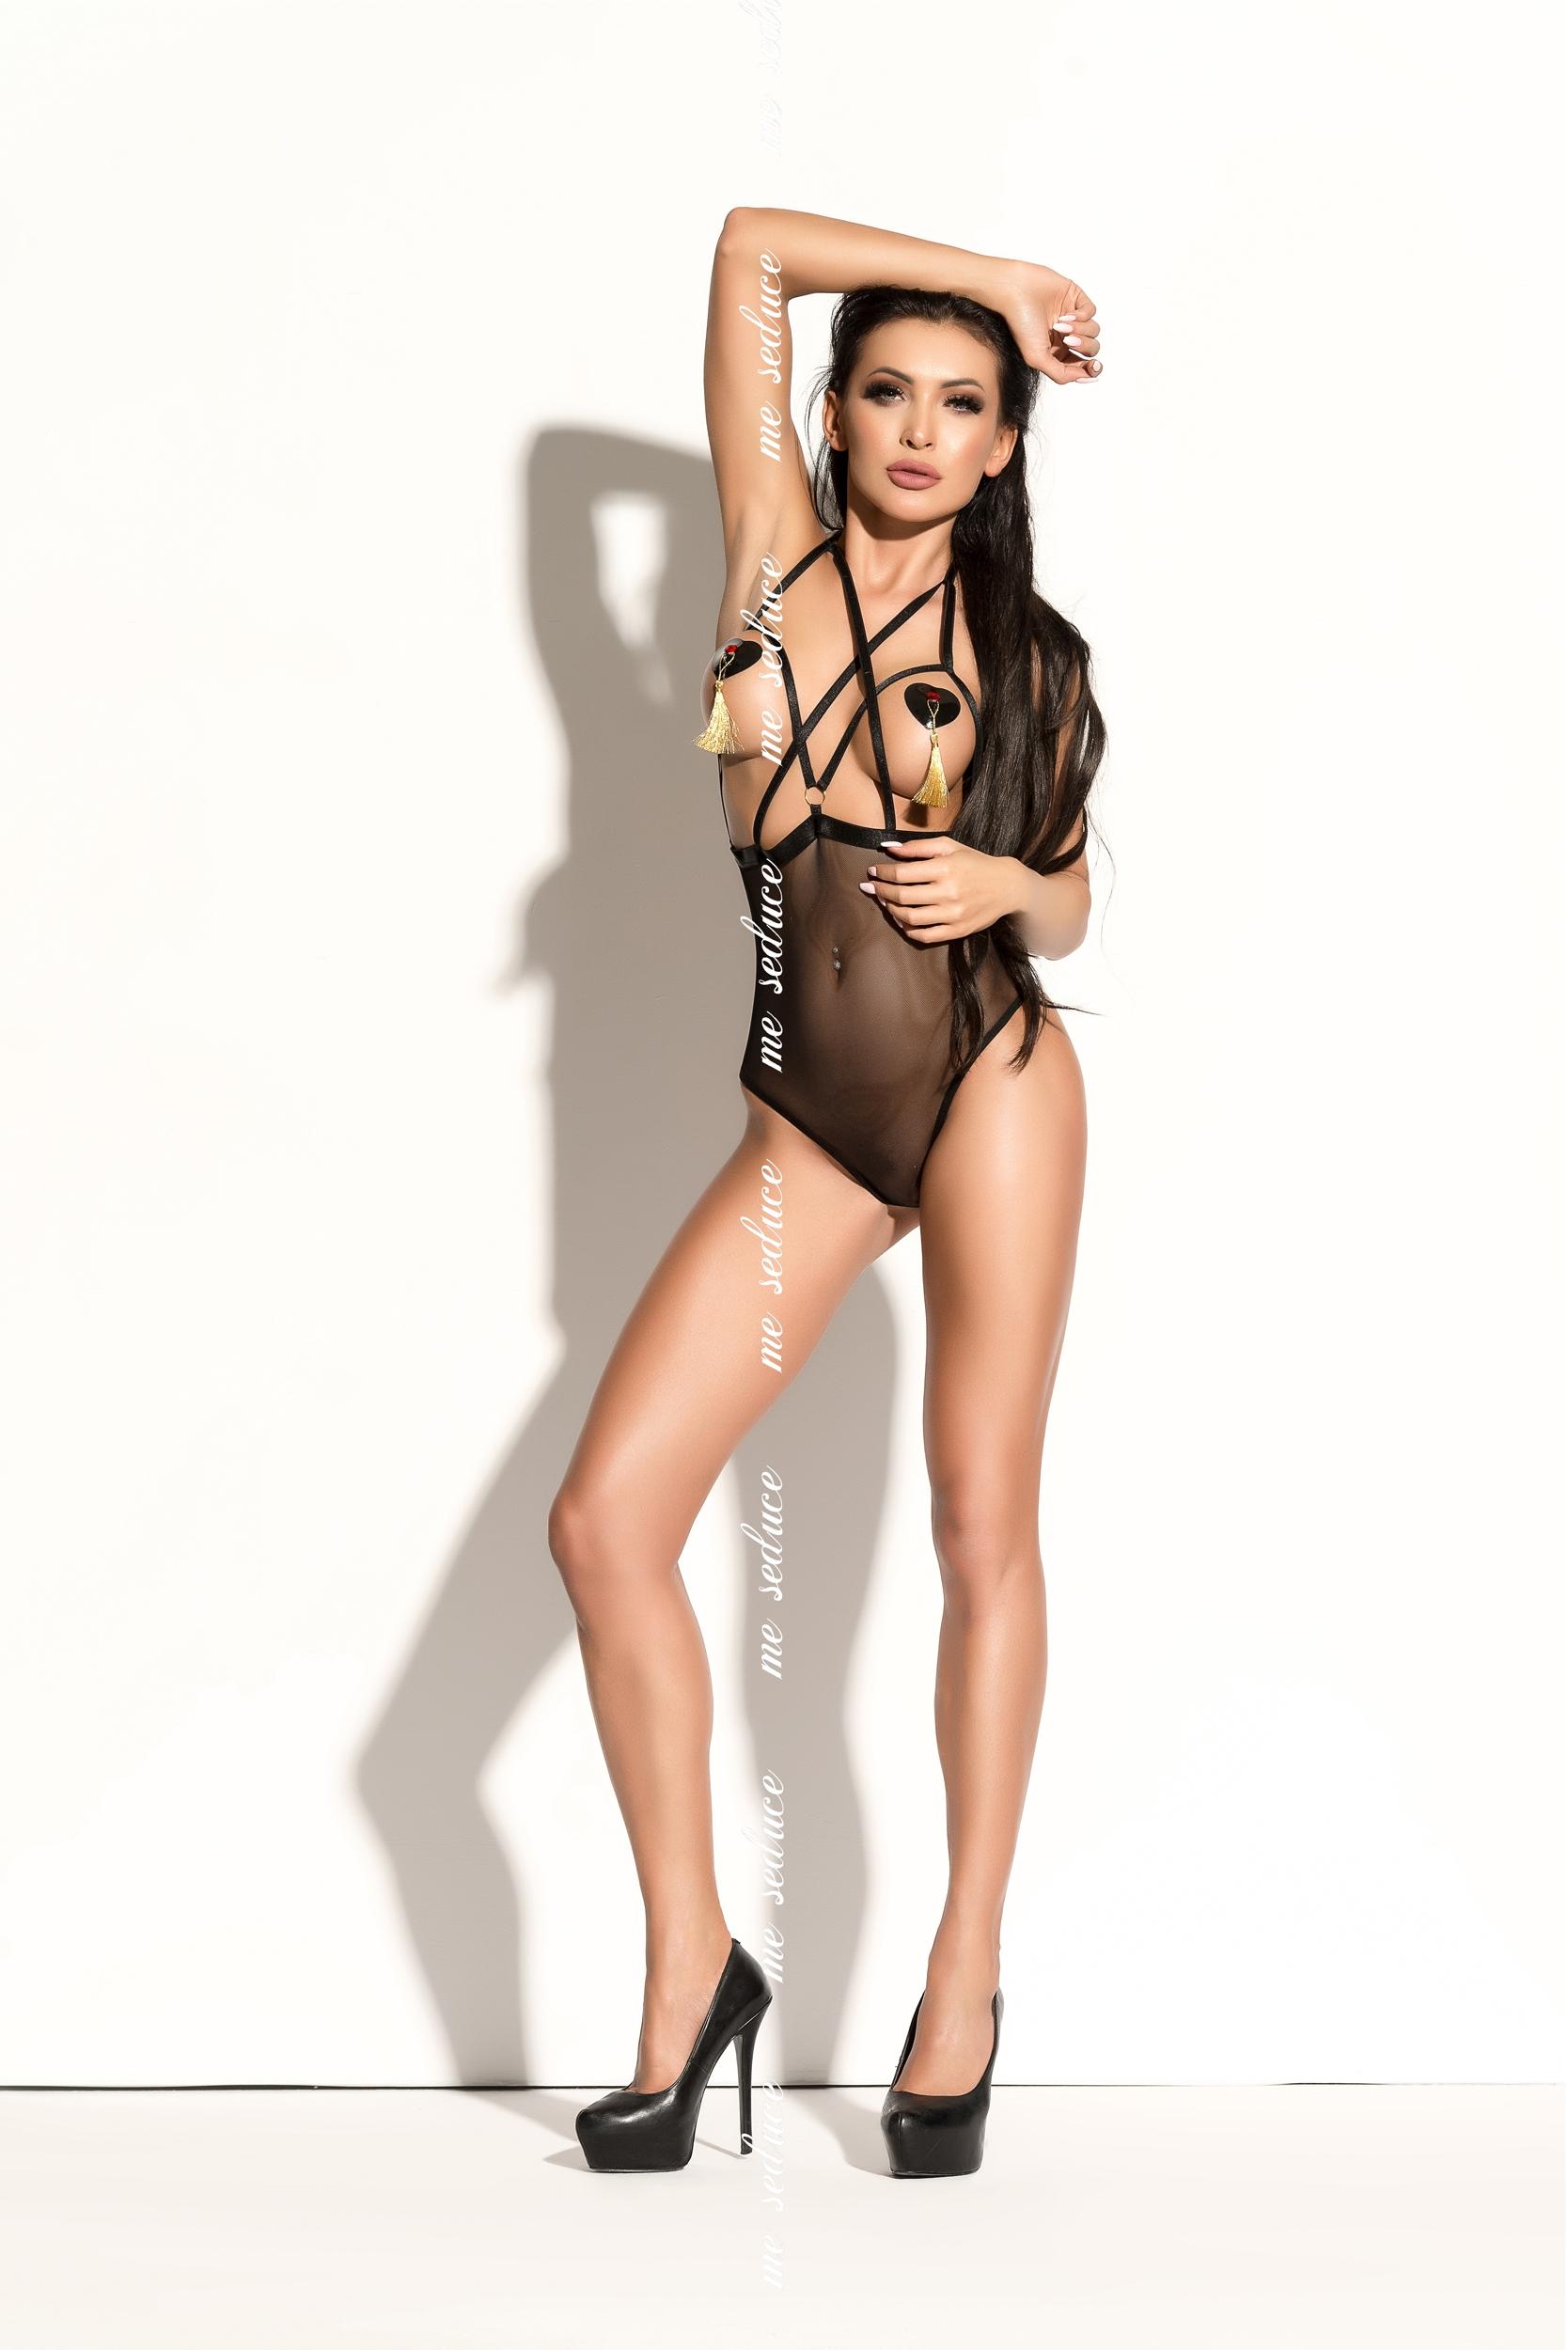 Gold & I - Ginette Body Black | LINGERIE & KLÄDER, FETISHKLÄDER TJEJ, Fetishkläder Plussize, Fetish Body & Playsuits, Brands, Me Seduce | Intimast.se - Sexleksaker